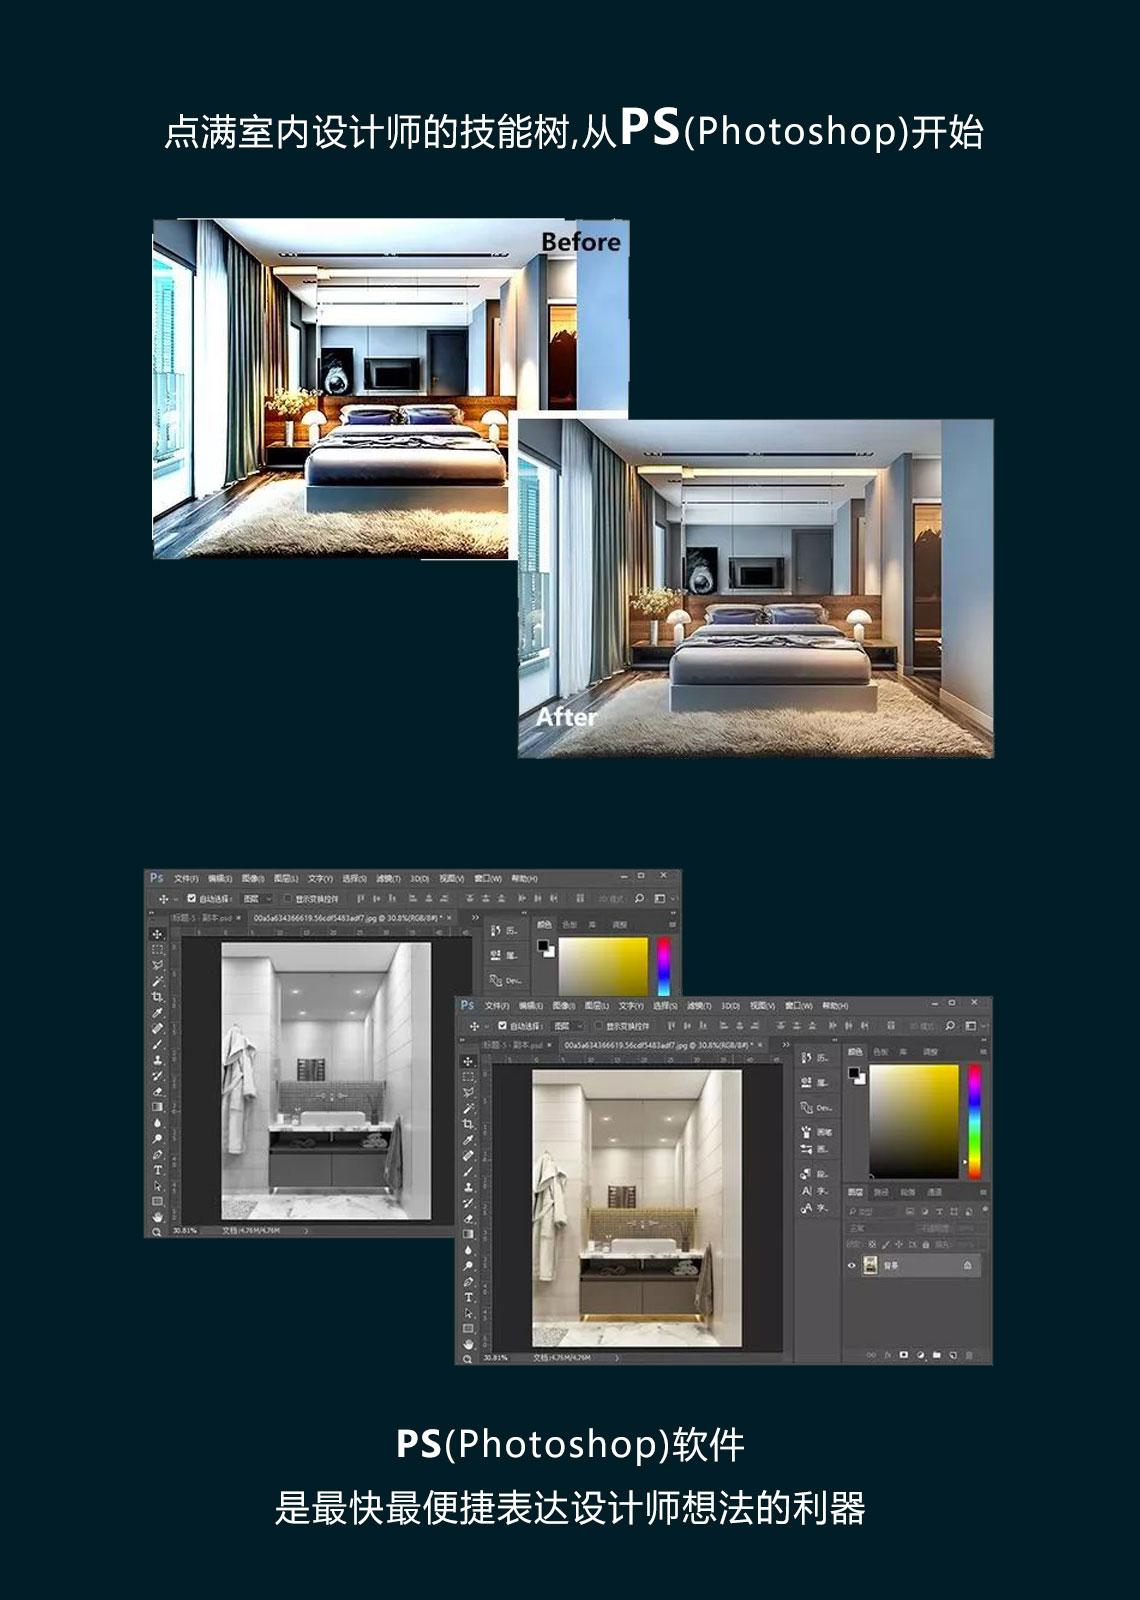 PS的强大功能,室内设计软件,室内设计,室内设计要学哪些,室内设计培训,室内设计师,教育培训,室内装修效果图,室内设